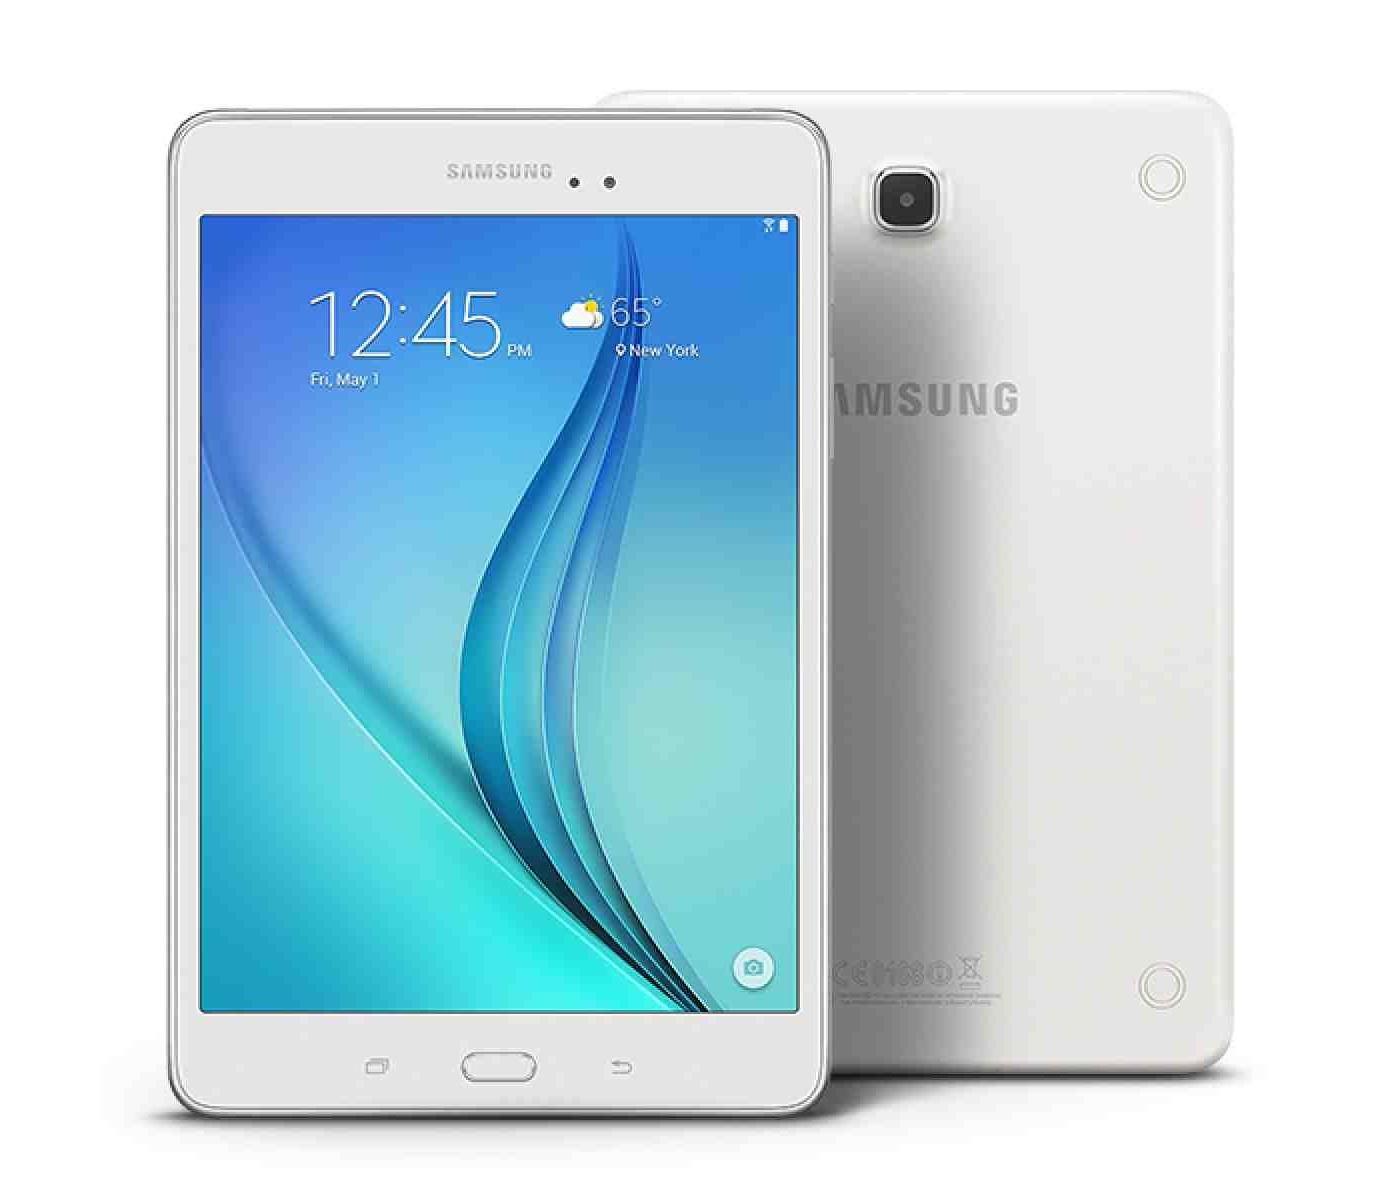 Samsung Galaxy Tab 10.1 a 164,00 € | Trovaprezzi.it > Tablet